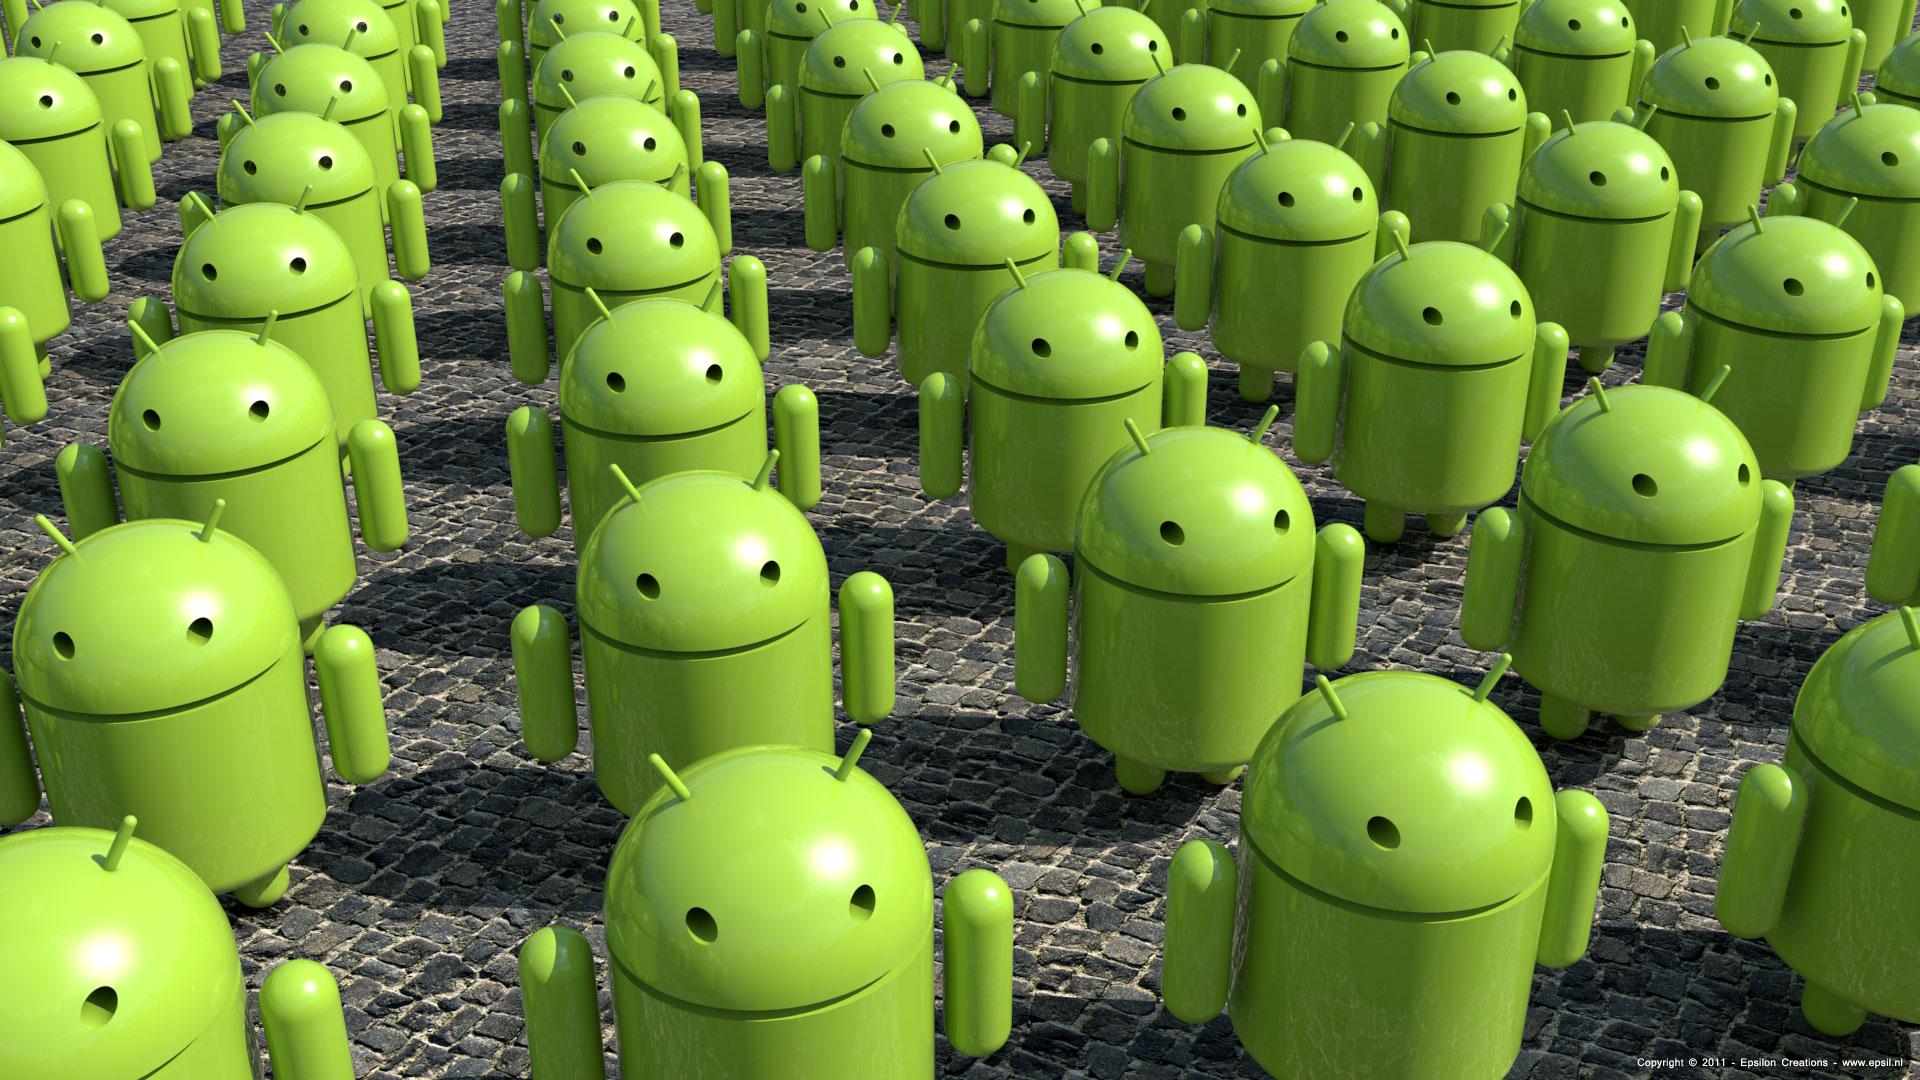 نصائح ذهبية لحماية هواتف أندرويد من الفيروسات - Alghad